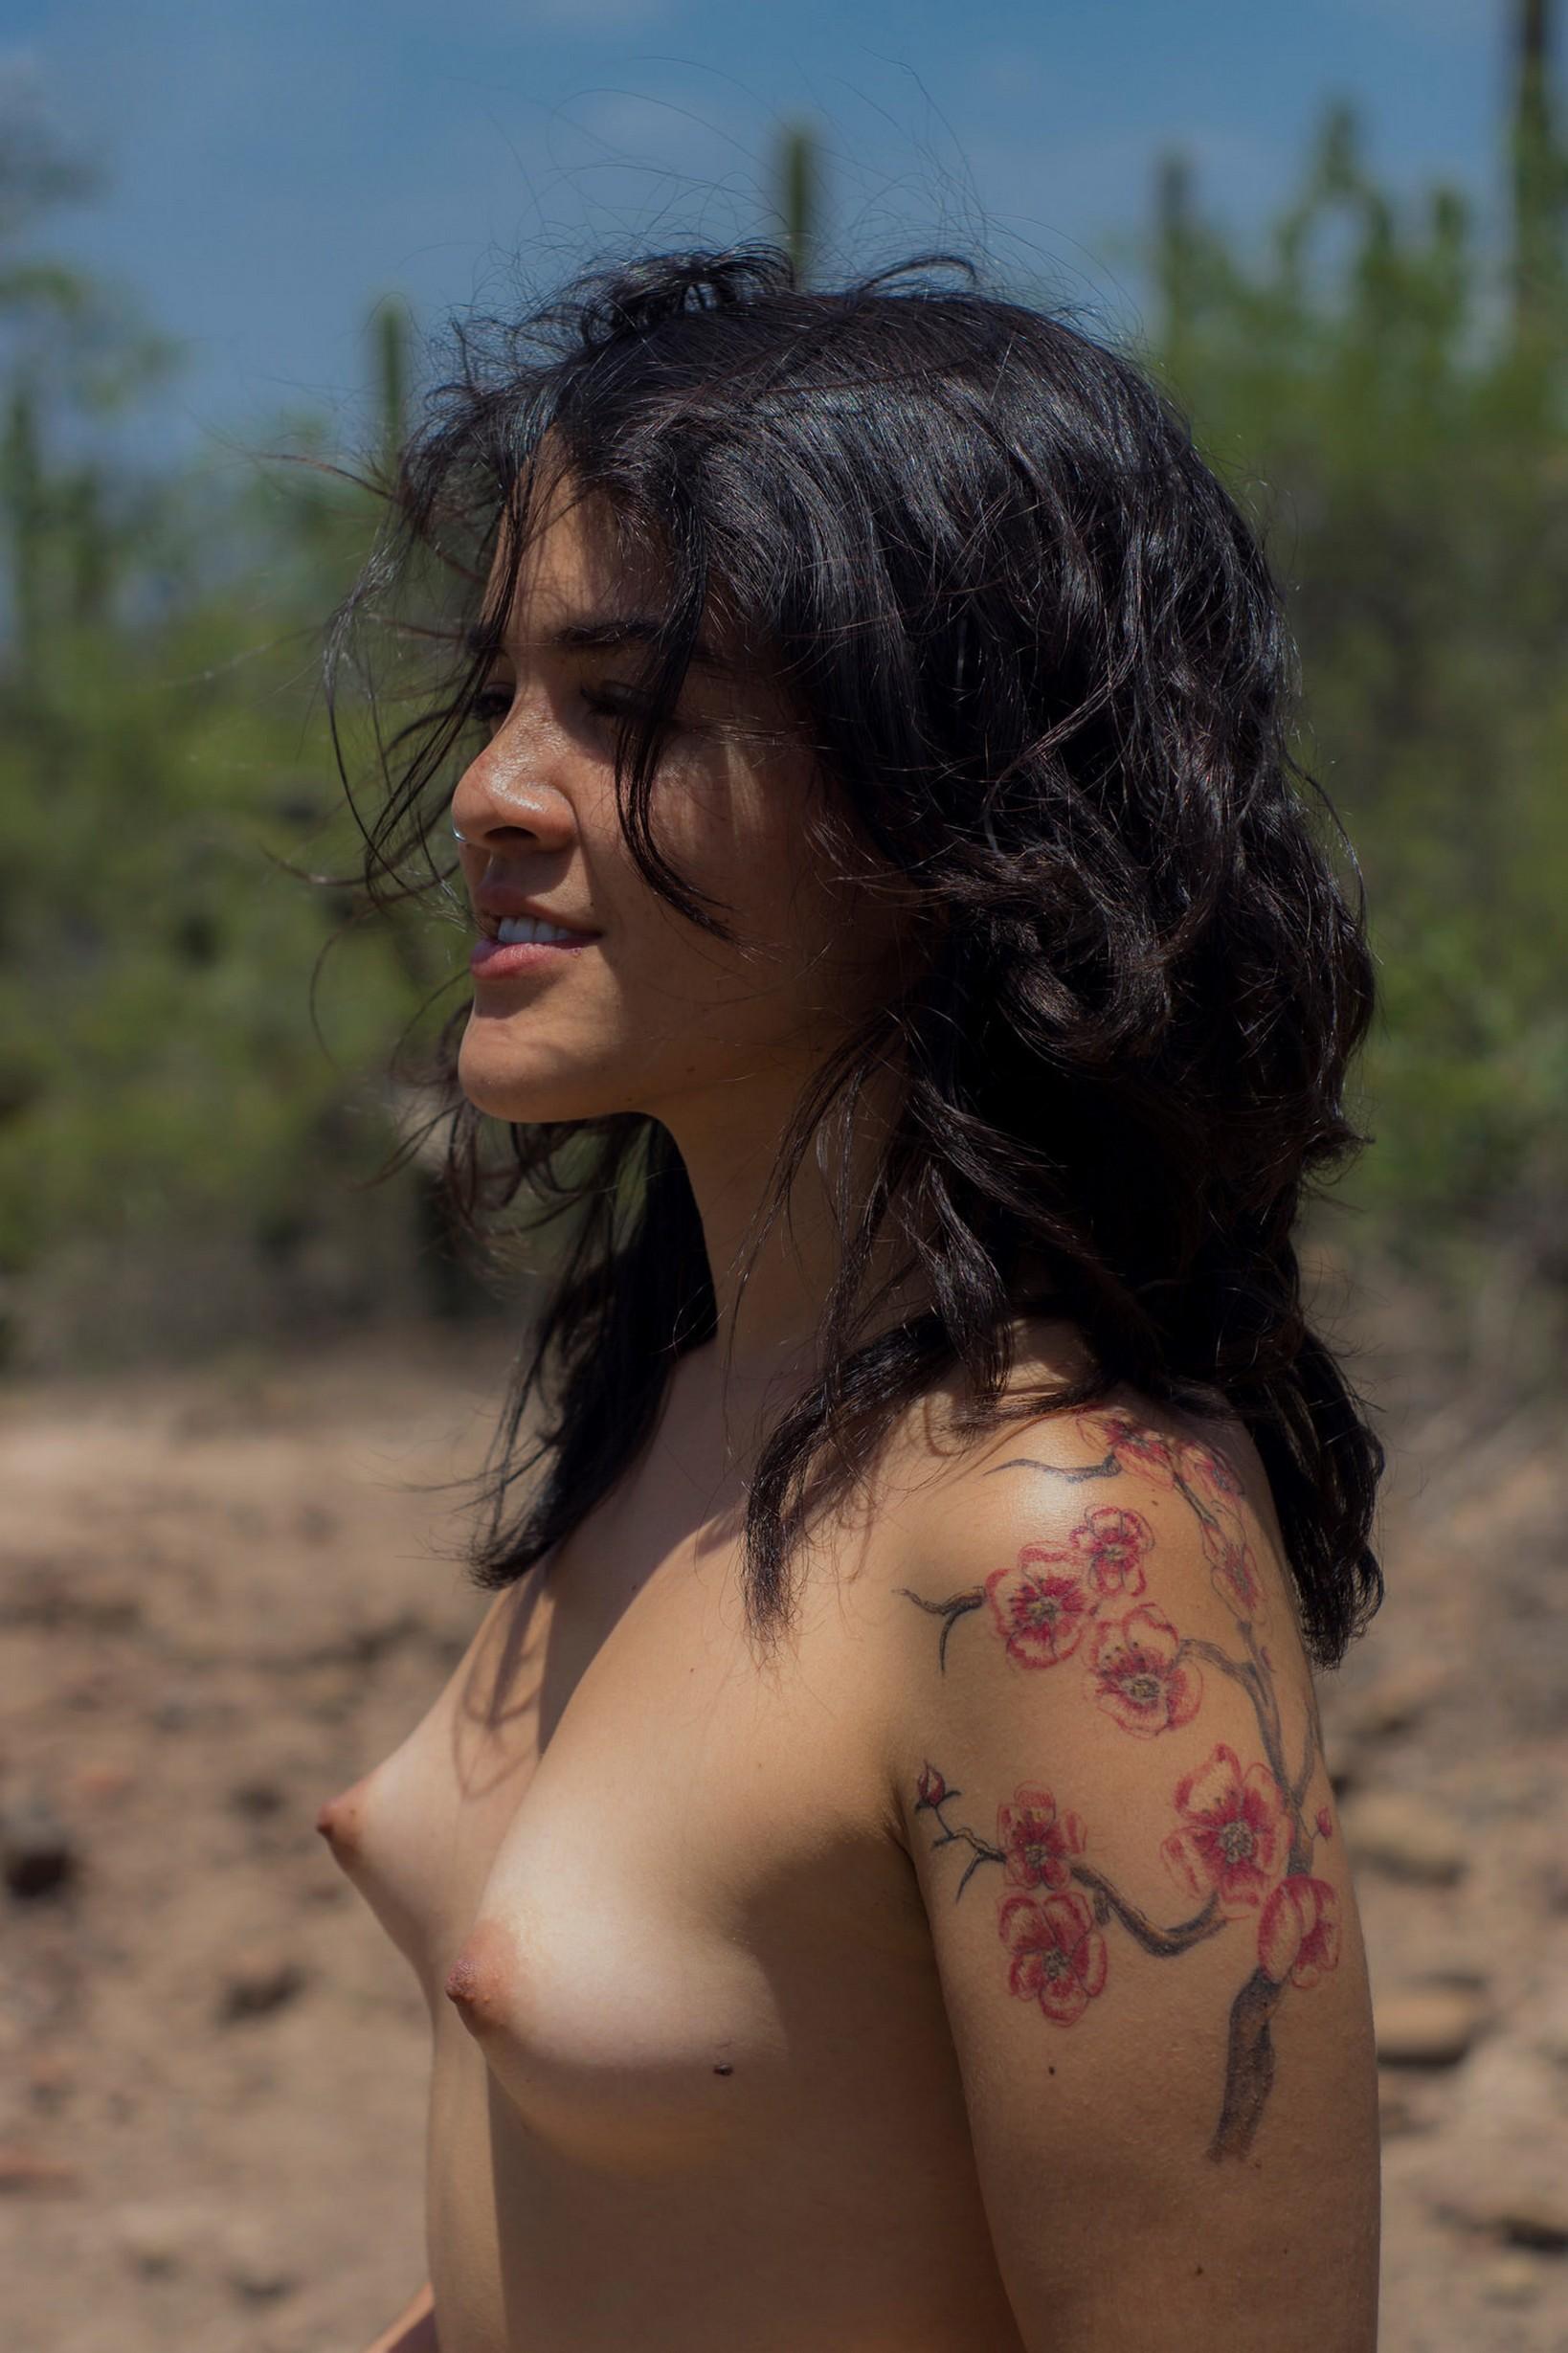 Фотоподборка девушек с маленькой грудью на море